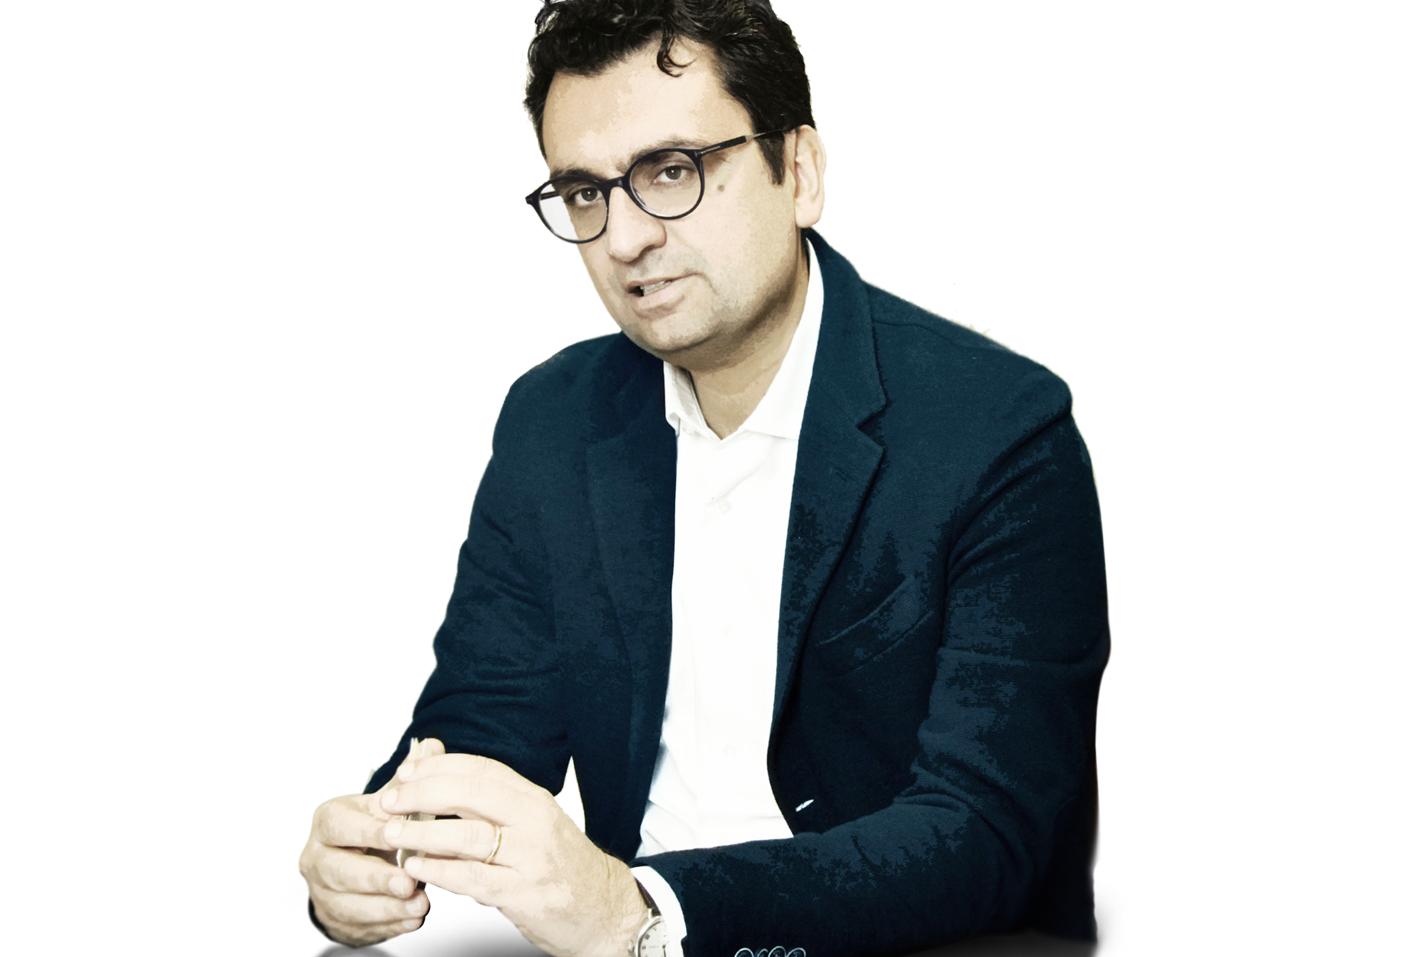 Francesco Rucco è il nuovo sindaco di Vicenza - Vicentini ...